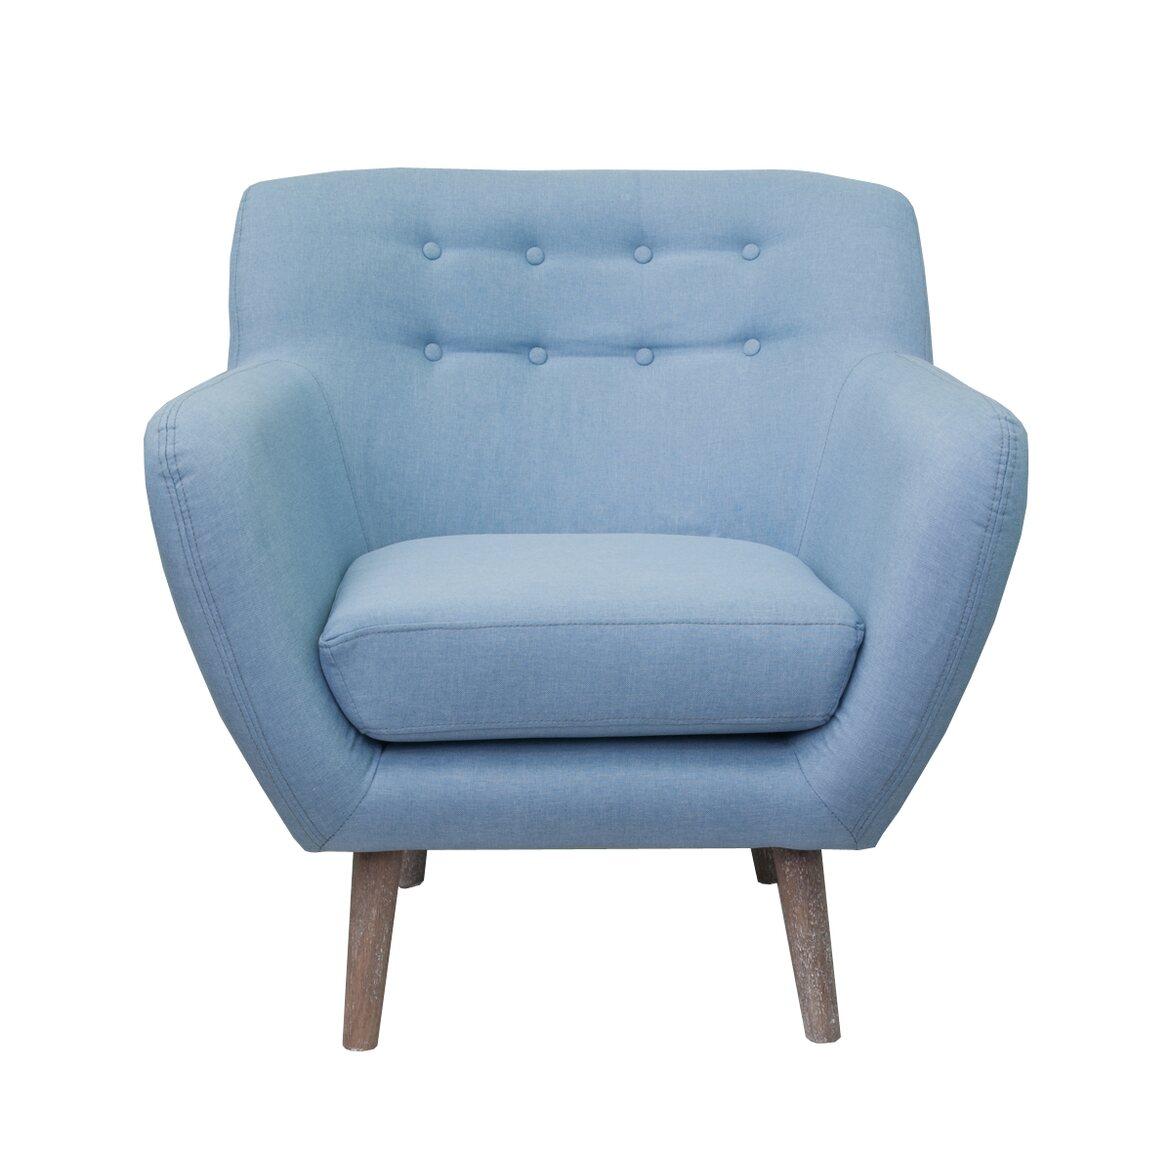 Низкое кресло Fuller blue | Маленькие кресла Kingsby